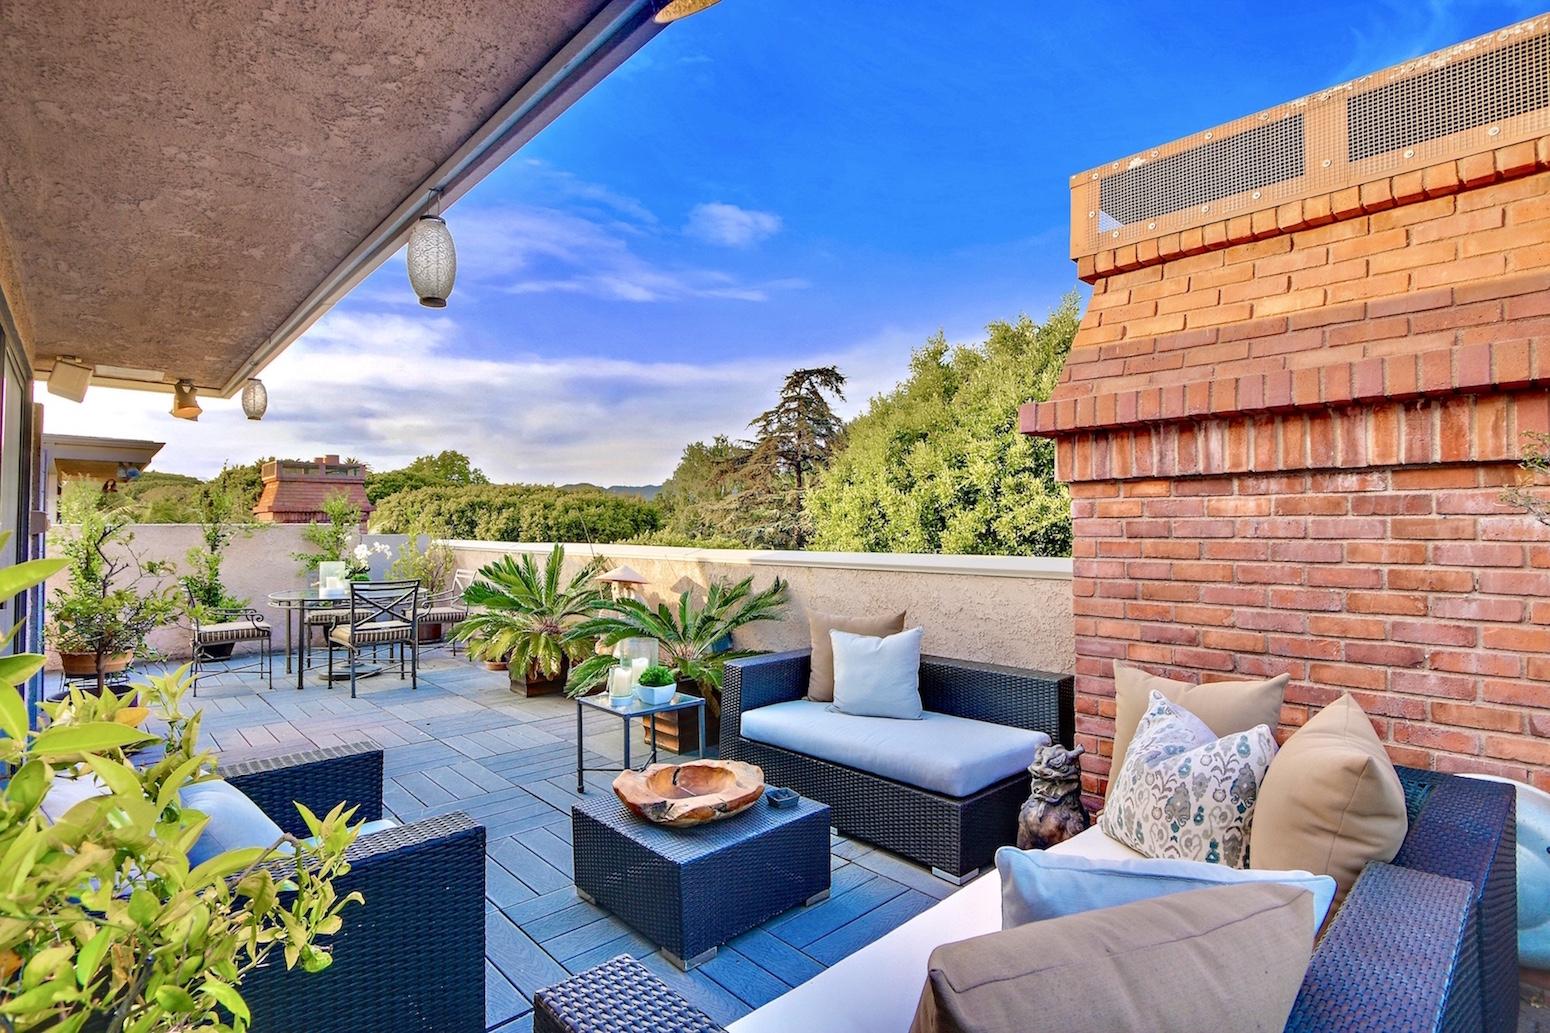 Rooftoop Terrace